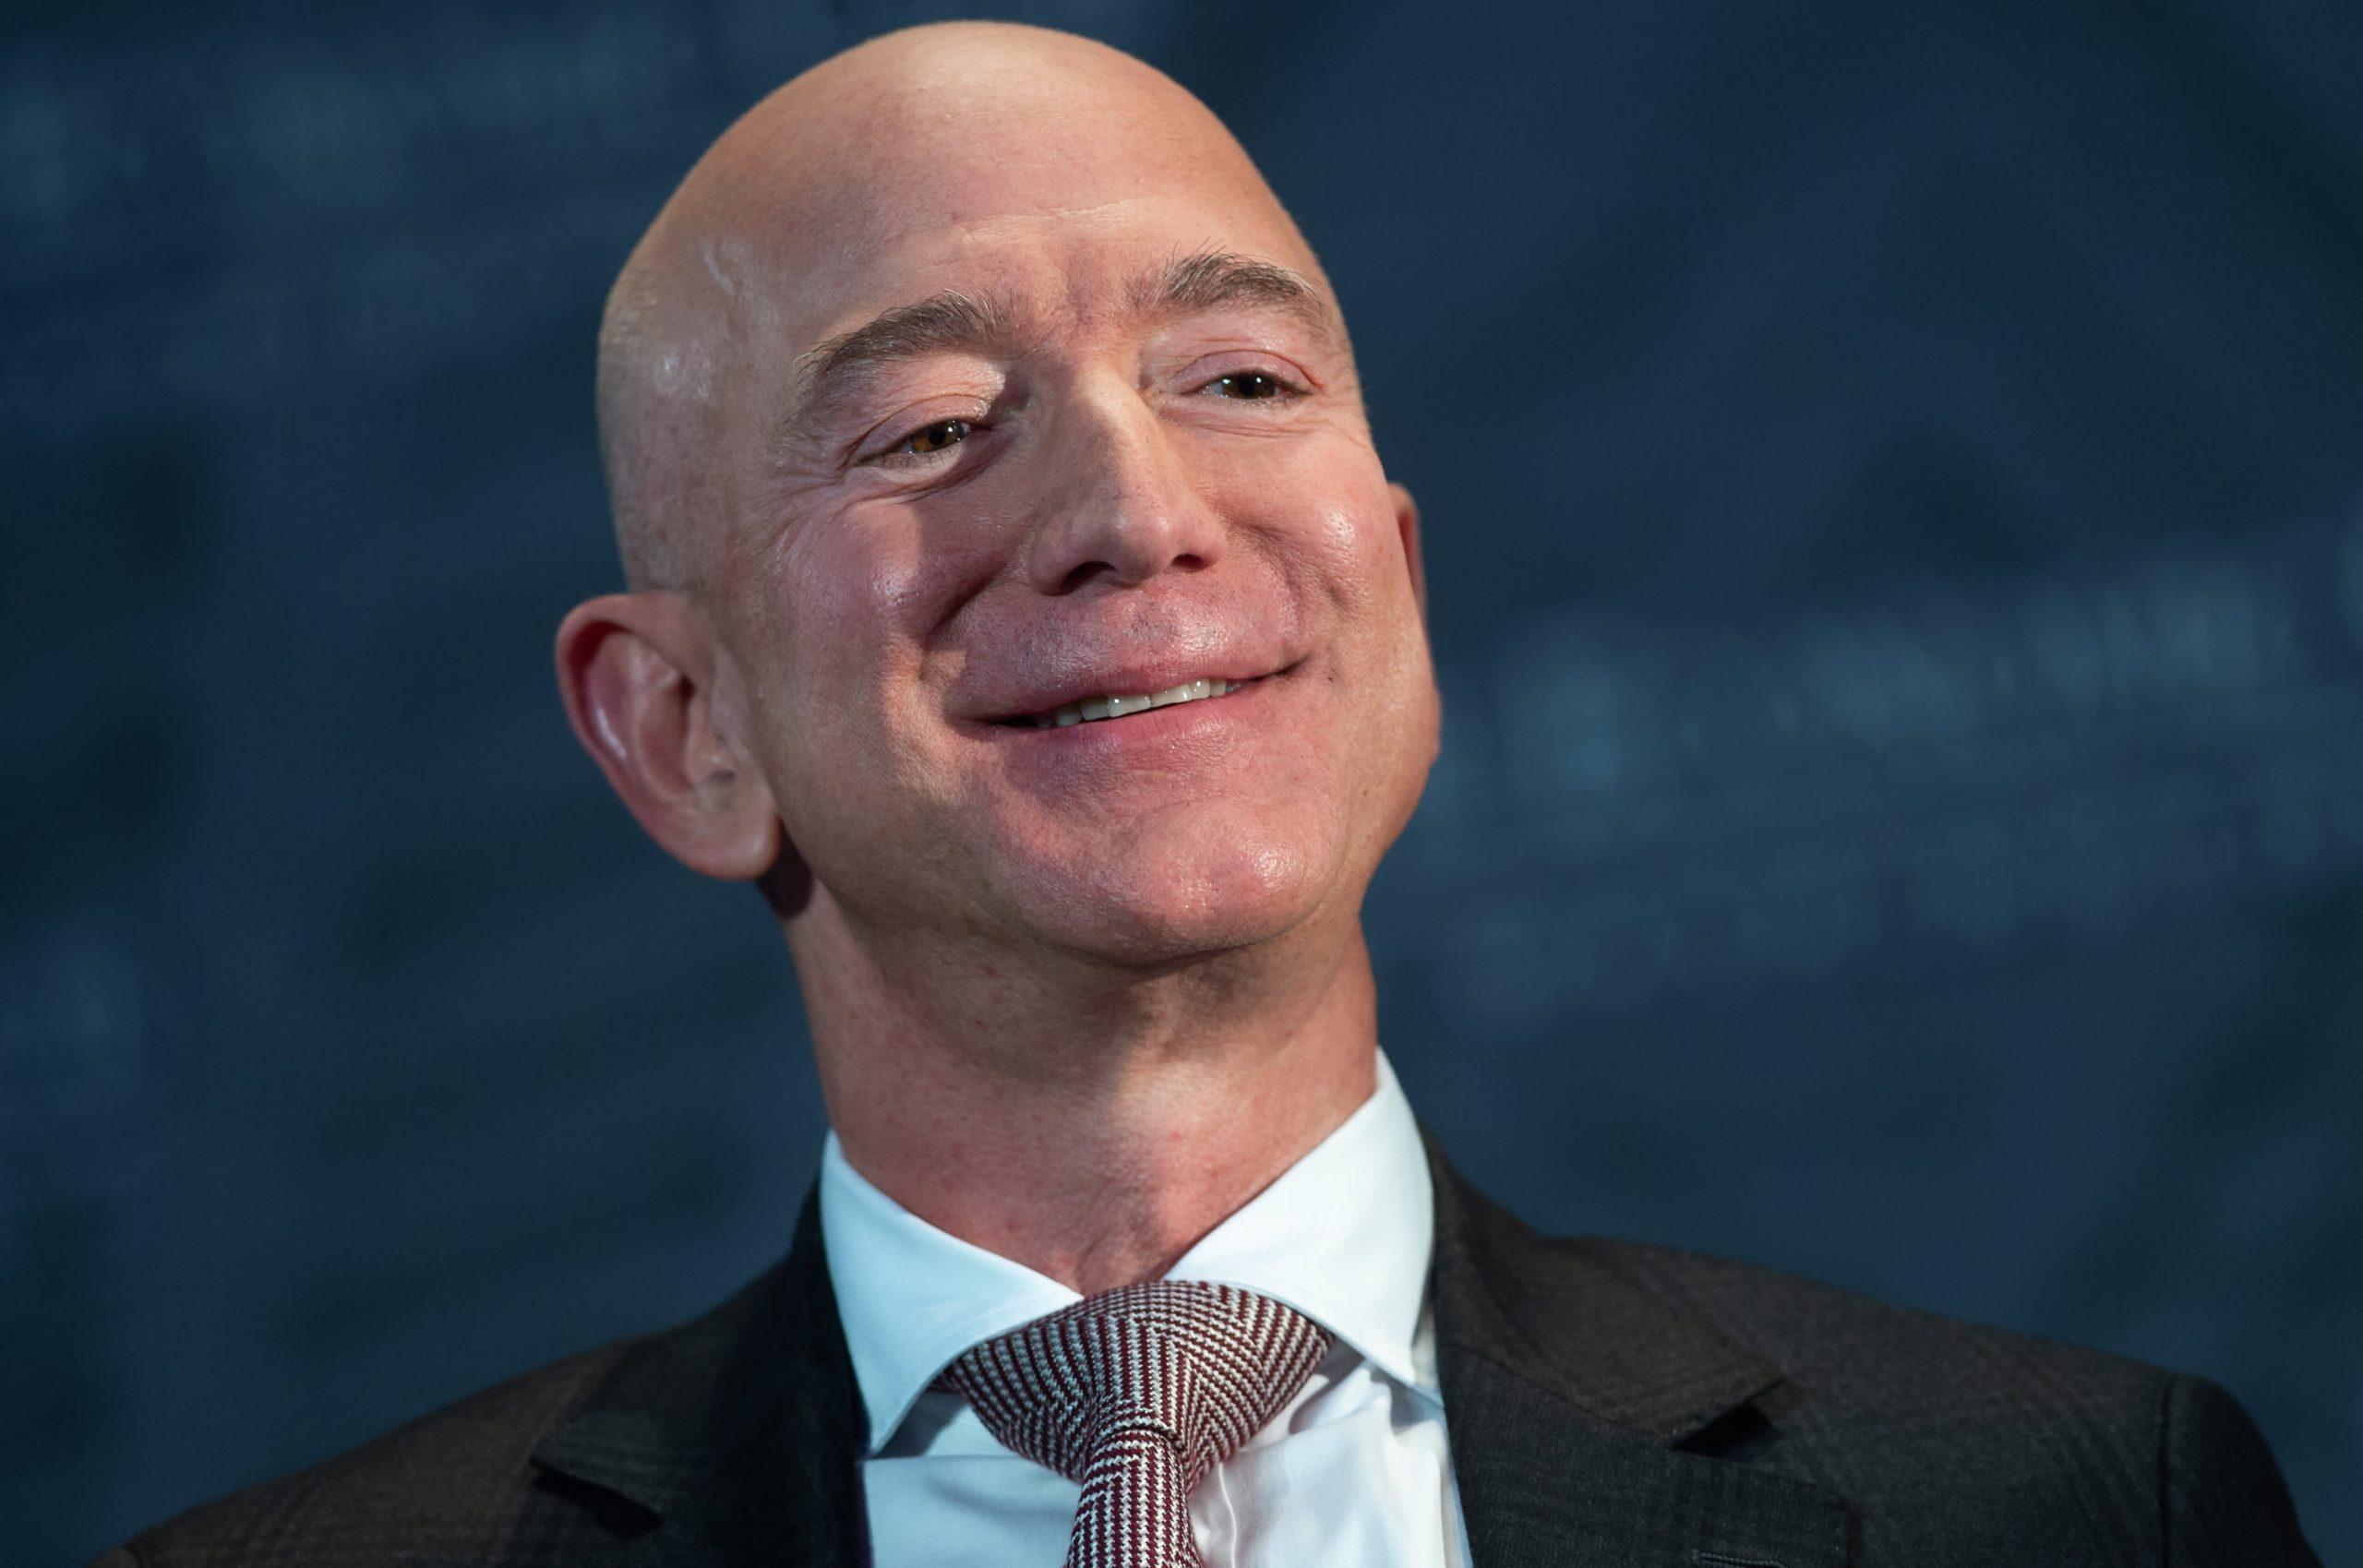 Amazon to overtake Walmart as largest U.S. retailer in 2022 — JPMorgan